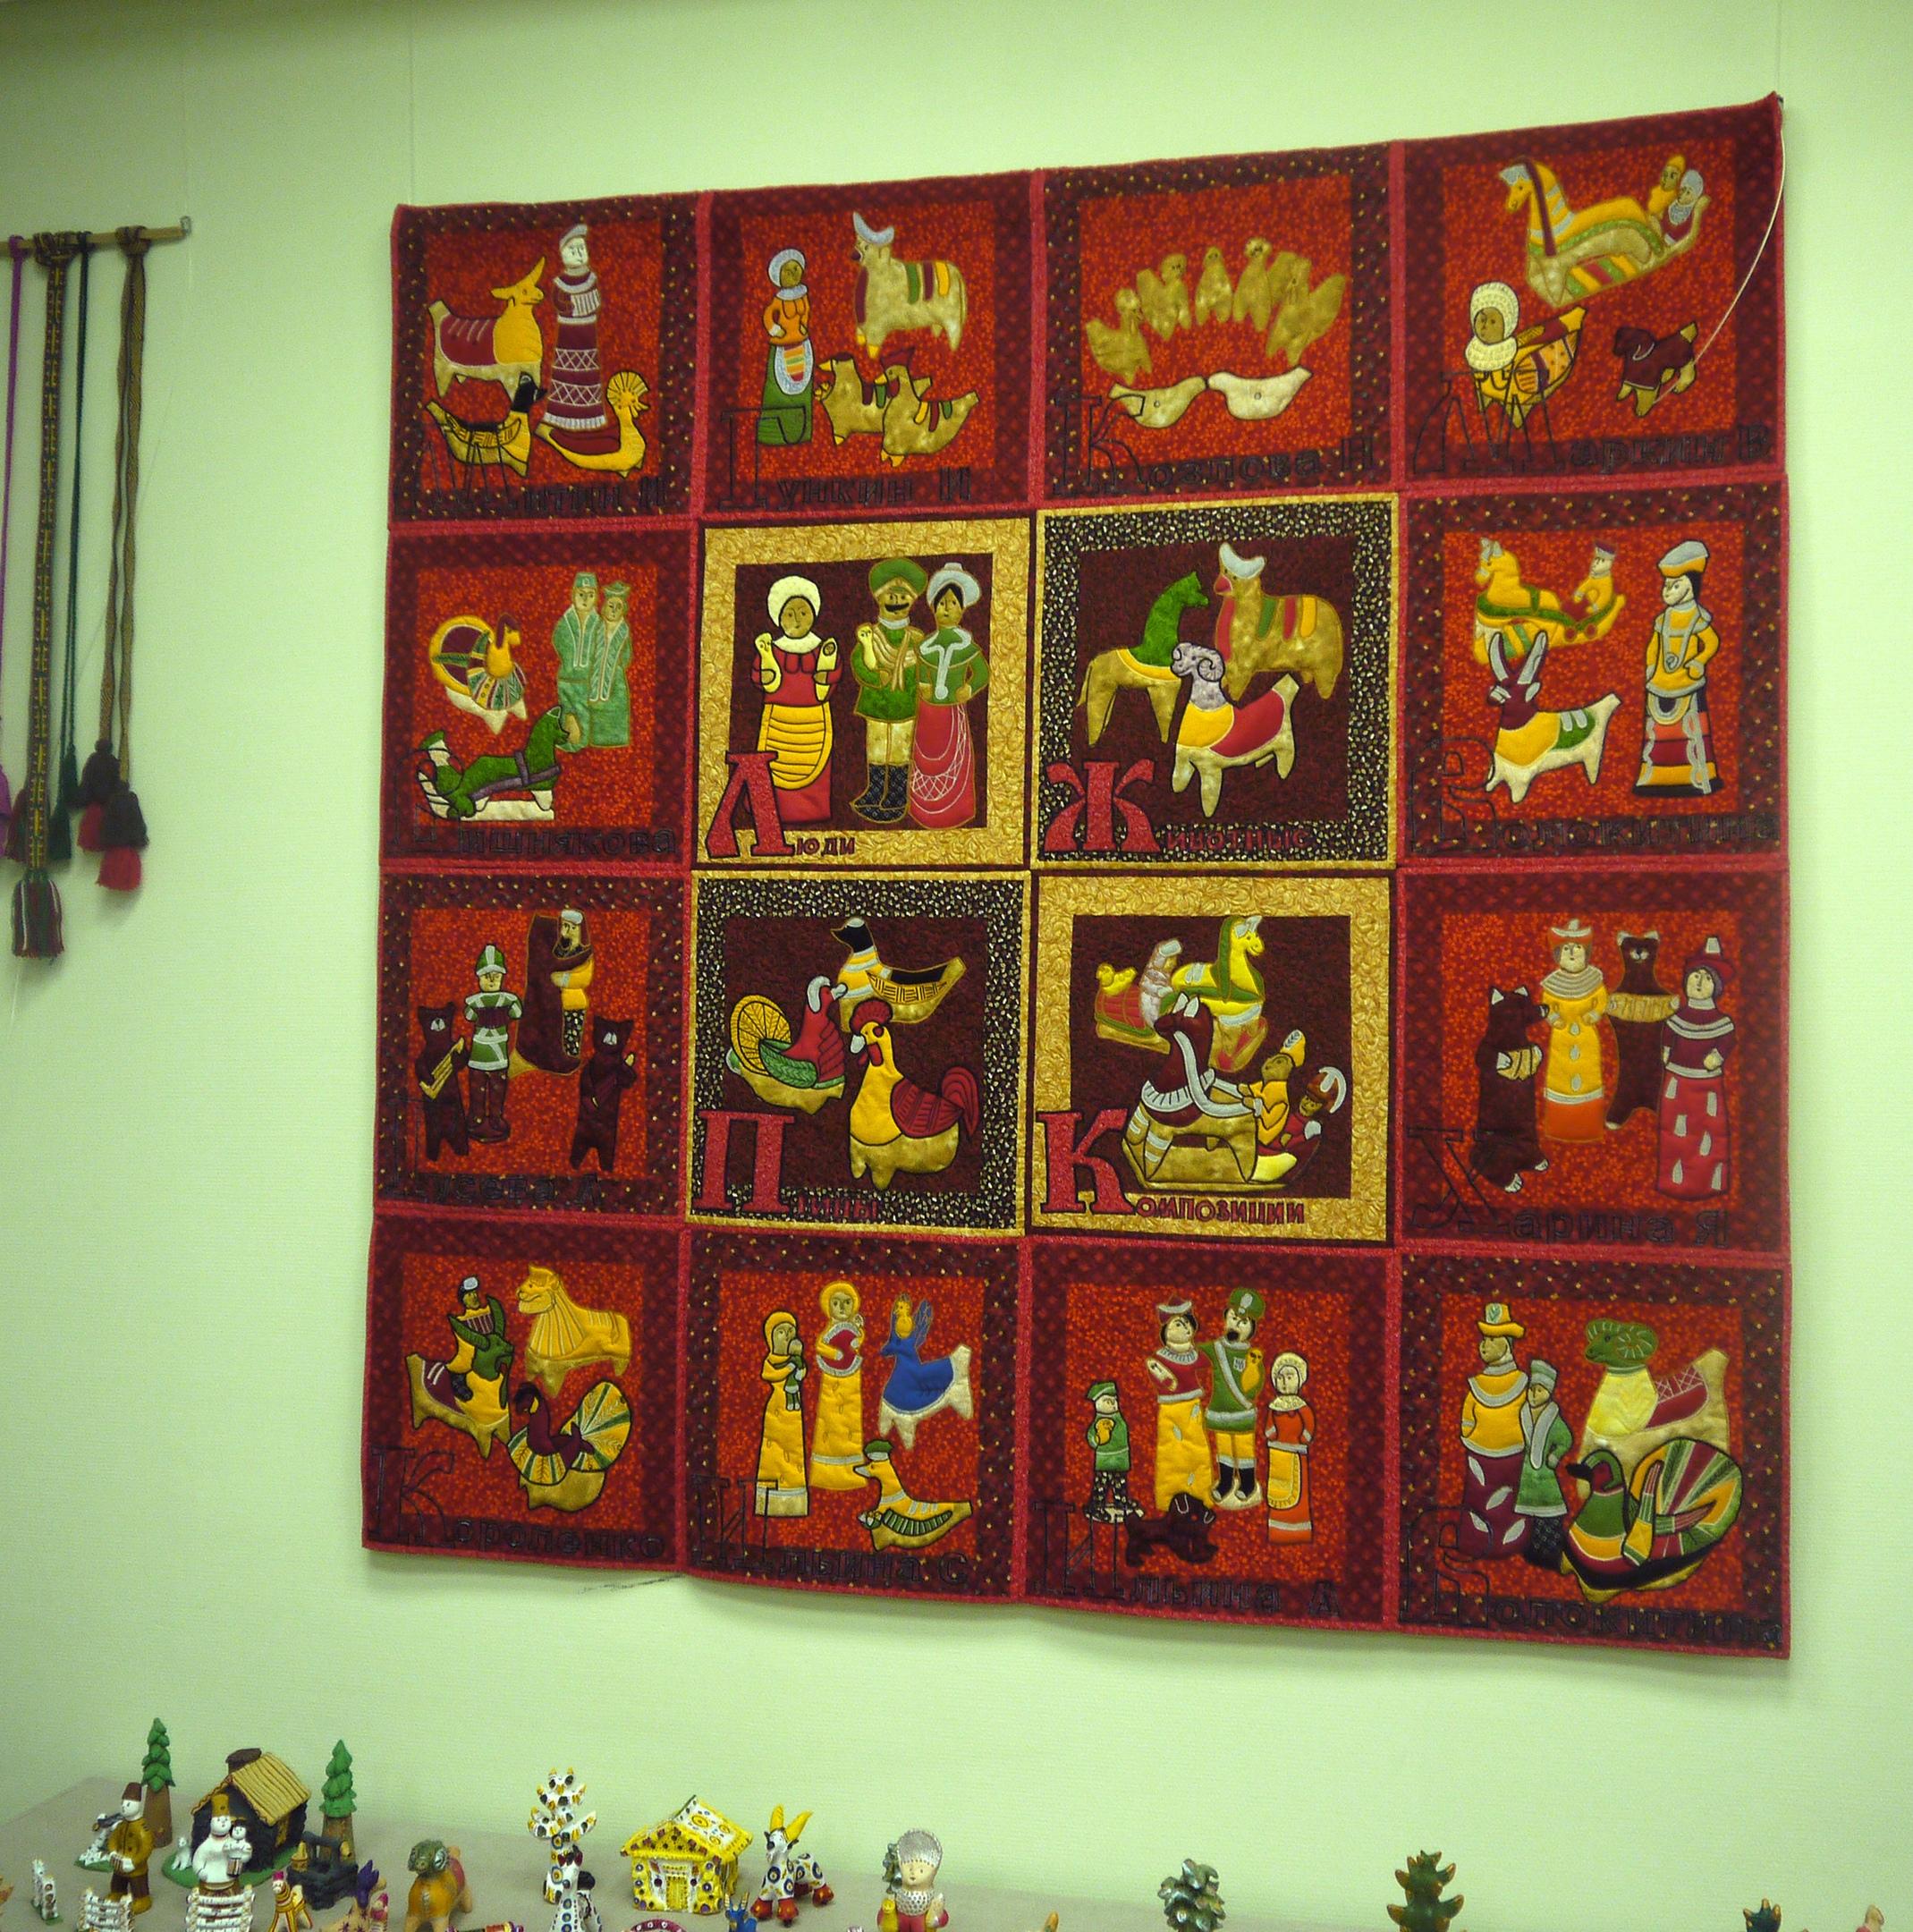 Мастера романовской игрушки и предприниматели поговорили о том, как сделать народный промысел туристским сувениром — Изображение 2